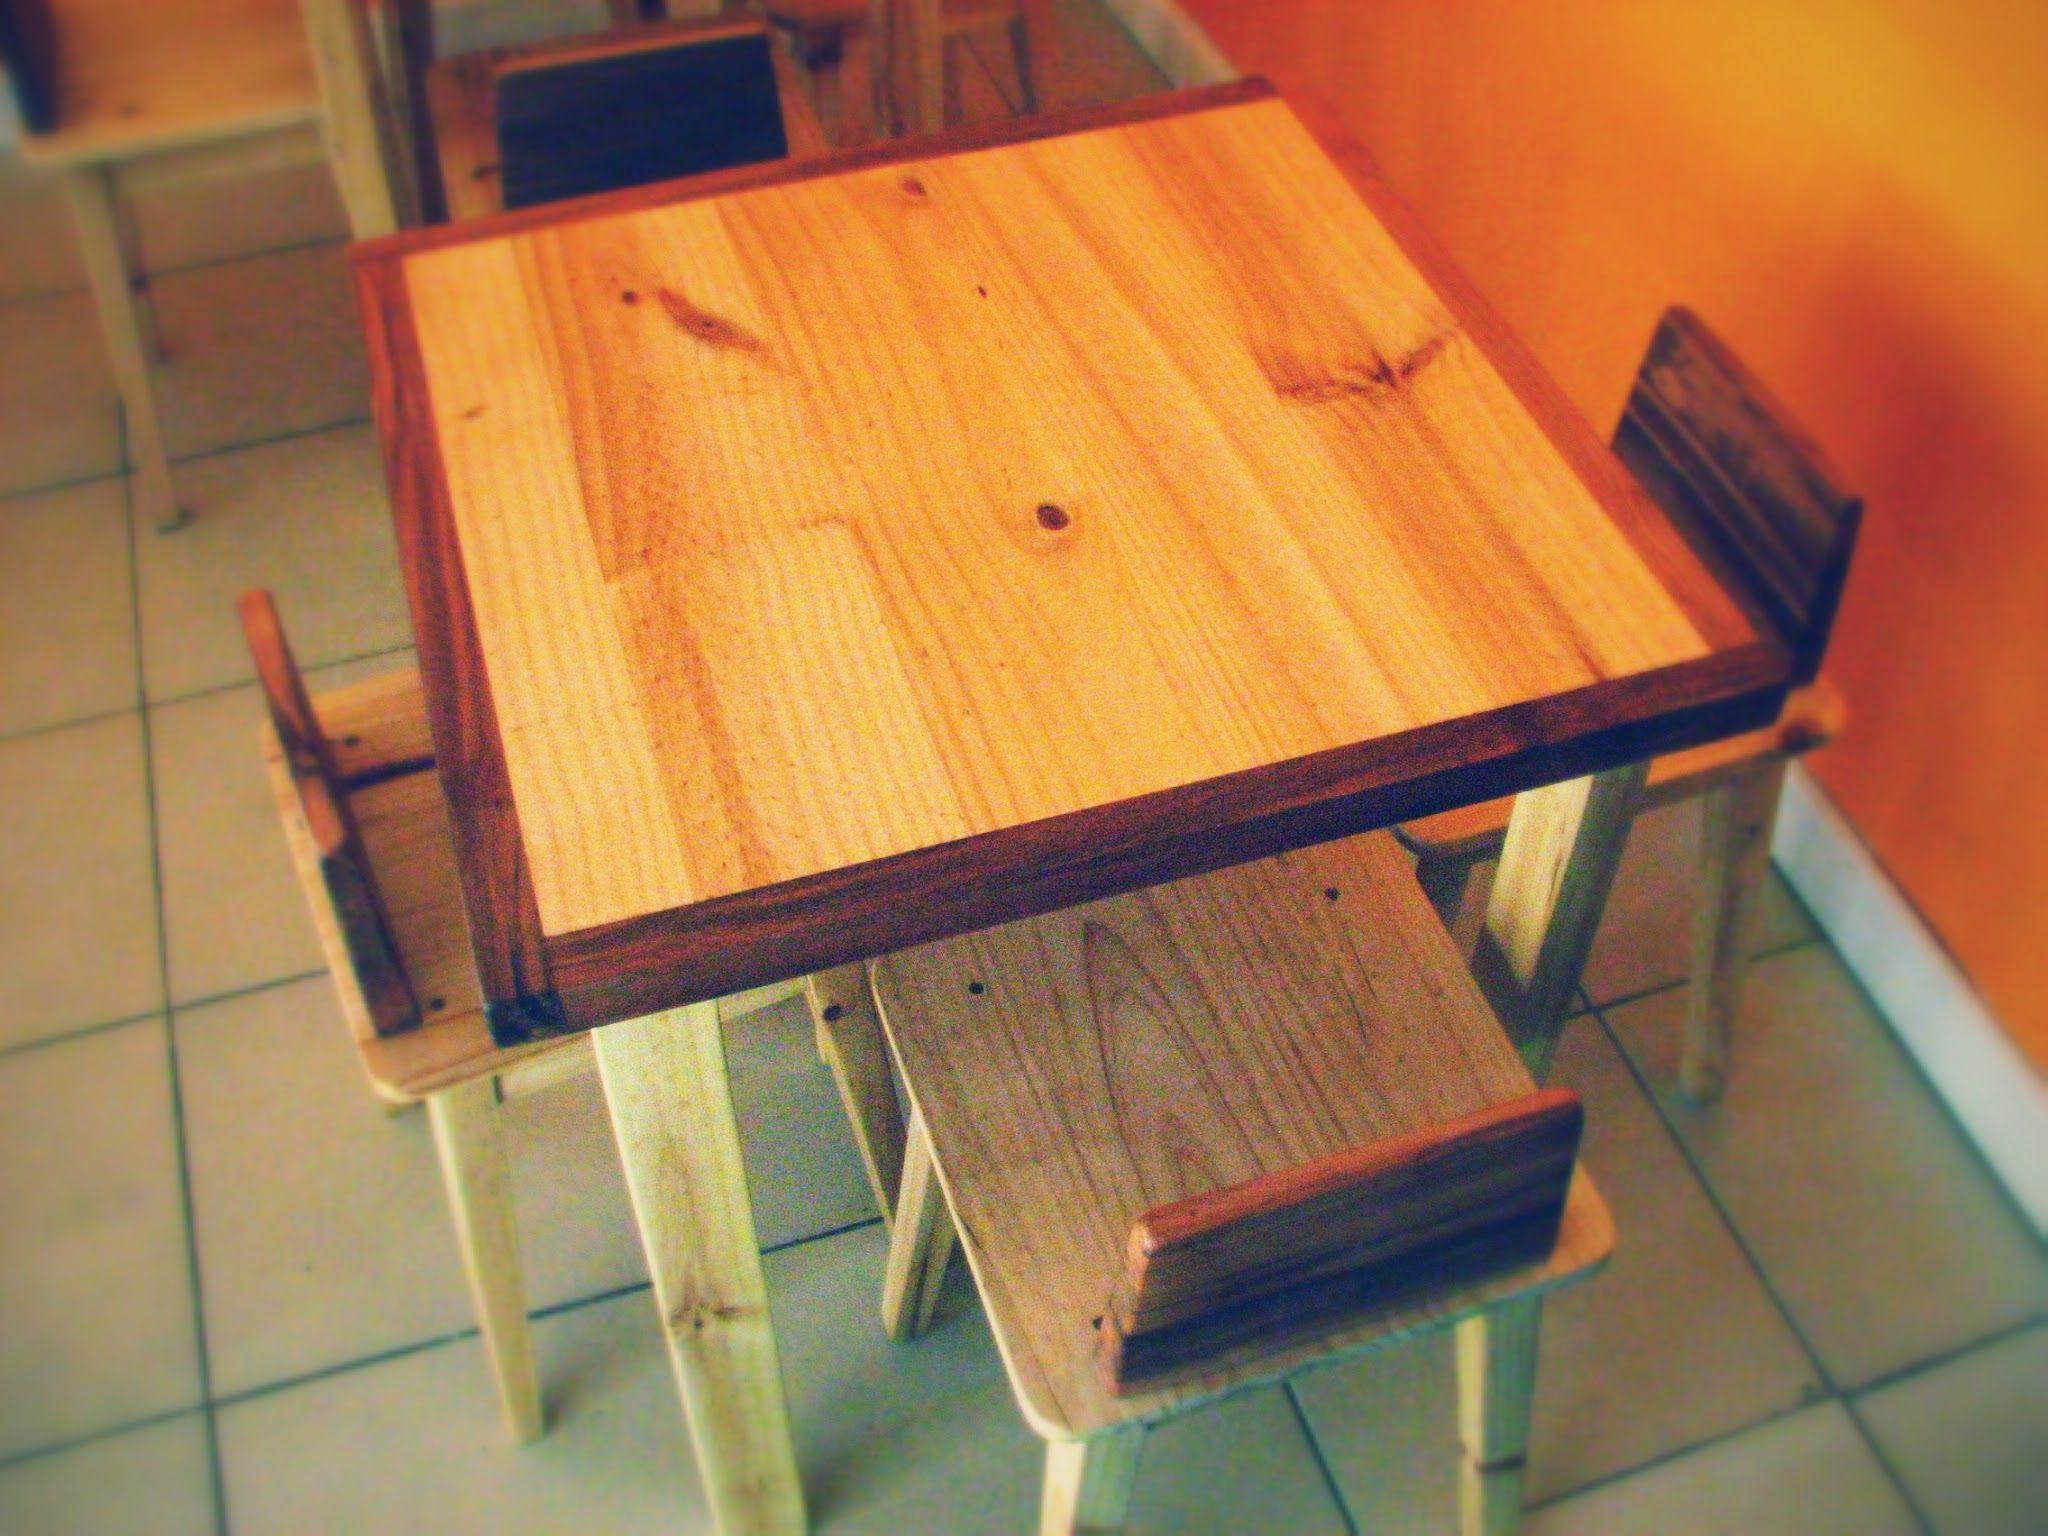 Mobiliario construido en madera de pino insigne y detalles en madera ...